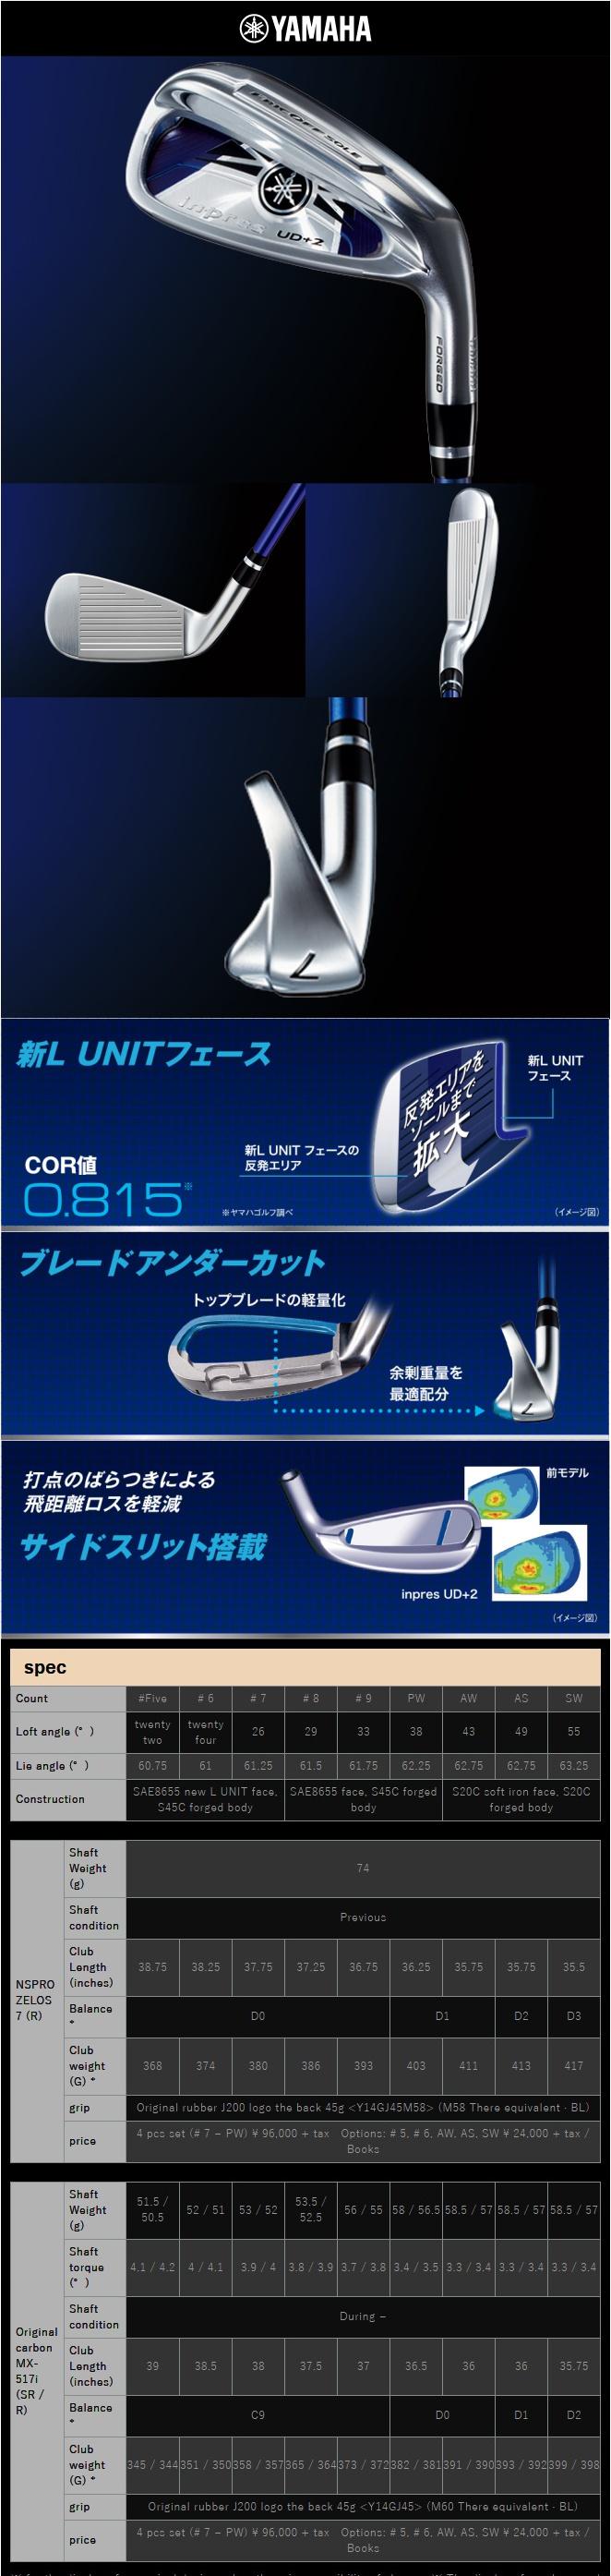 Yamaha Inpres UD+2 Iron